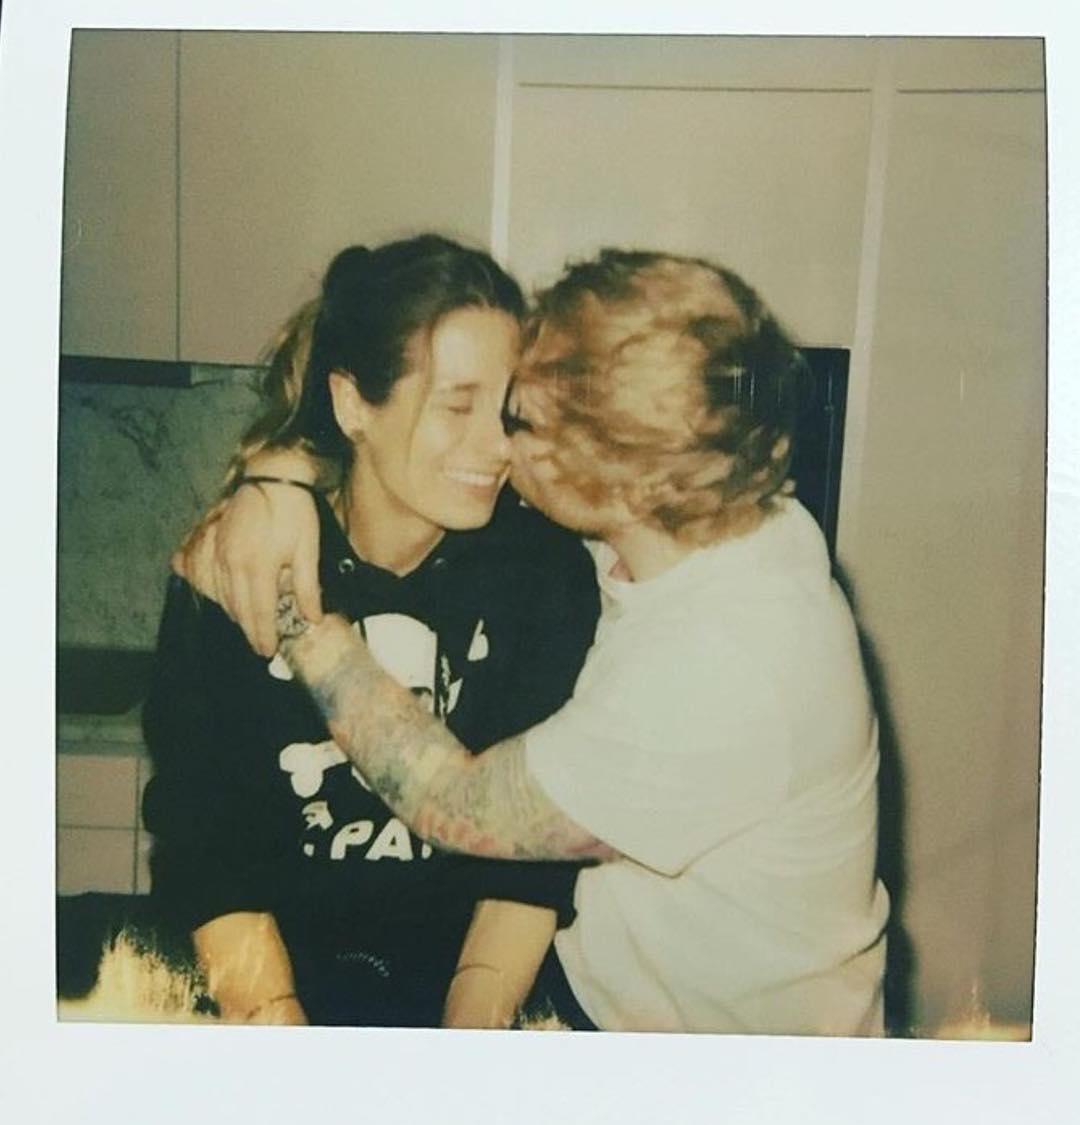 Ed Sheeran Engaged